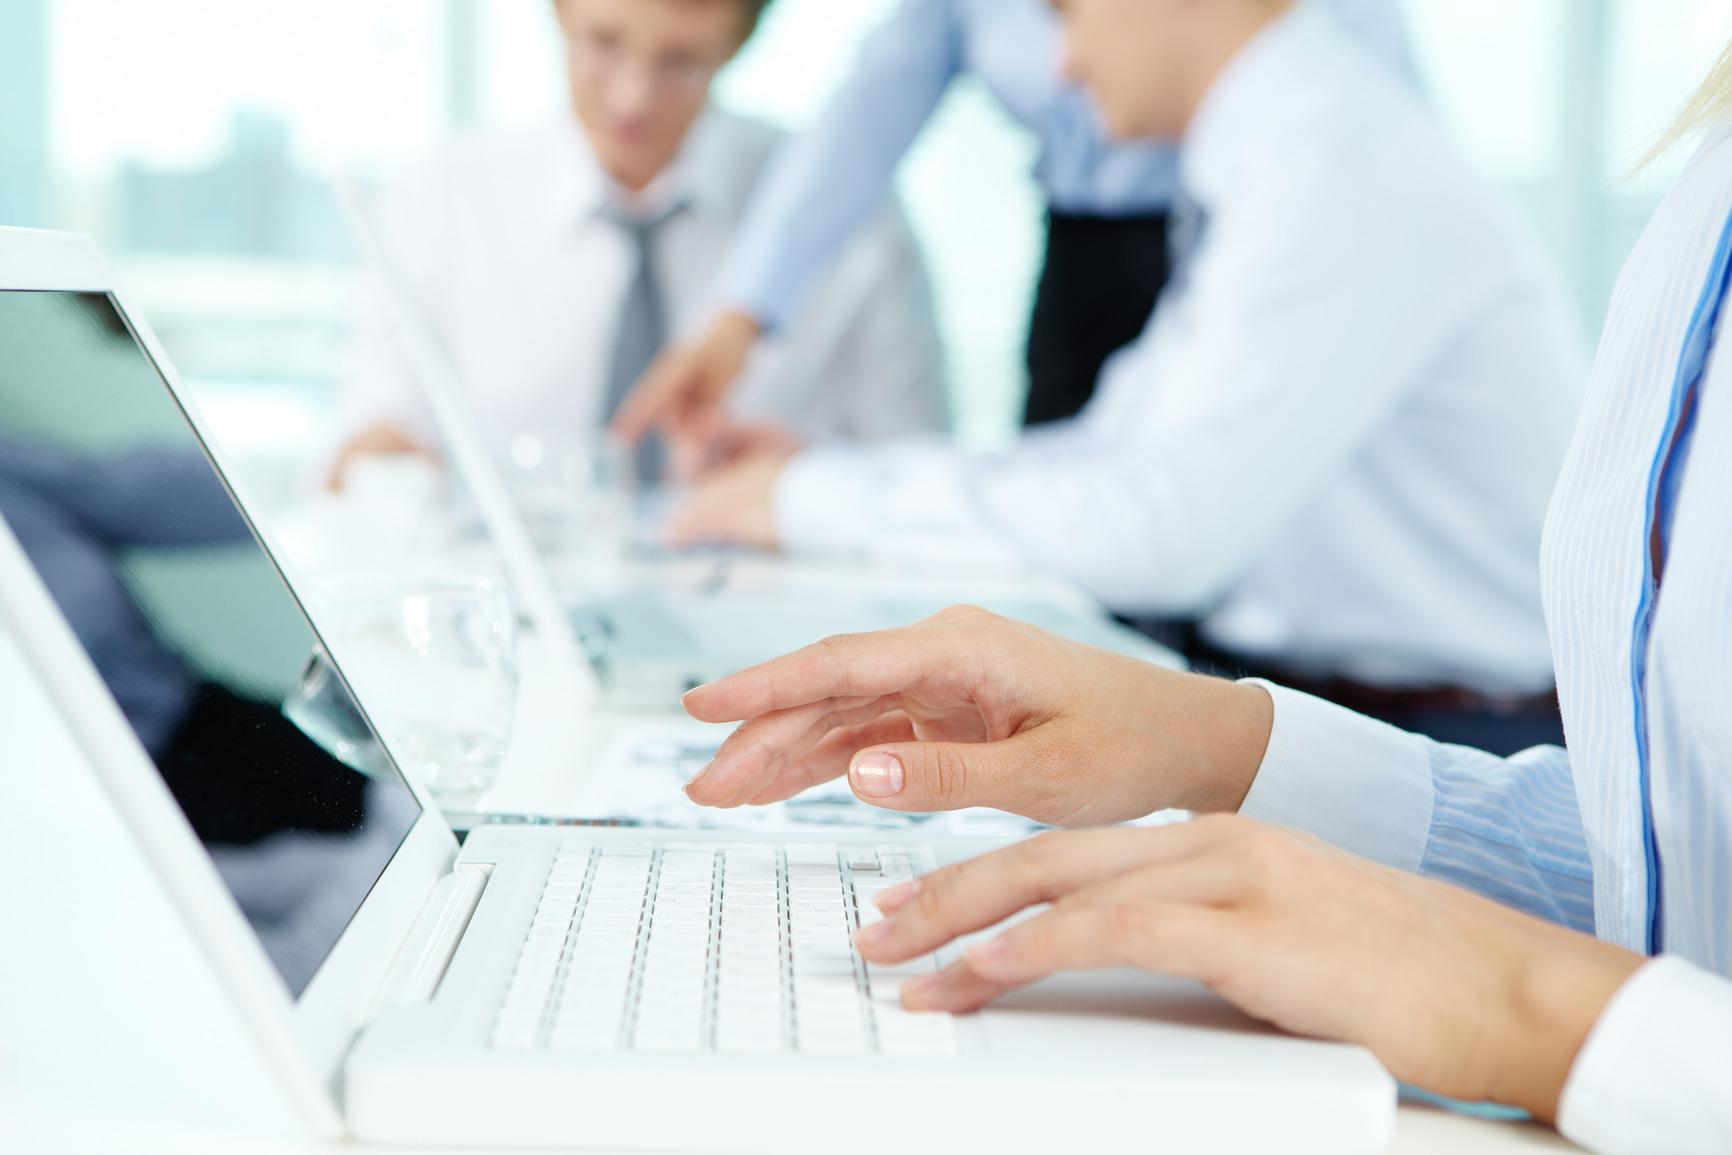 Επιτροπή Ανταγωνισμού: Απλοποίηση διαδικασιών και περισσότερη ενημέρωση στους συναλλασσόμενους με τον Κώδικα Διαδικασιών